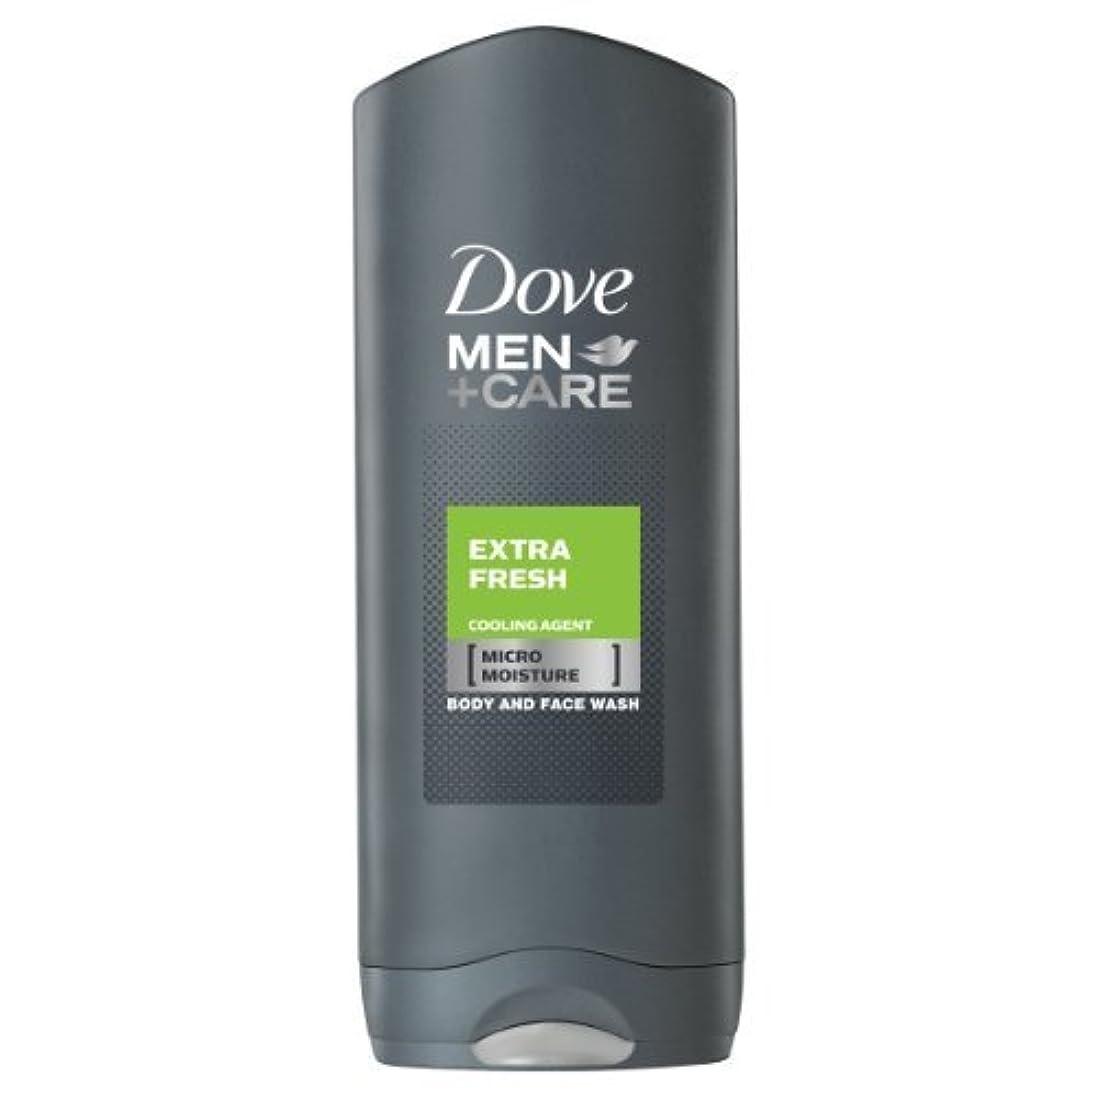 どきどきありふれたブラシDove for Men Extra Fresh Body and Face Wash 250 ml by Dove [並行輸入品]